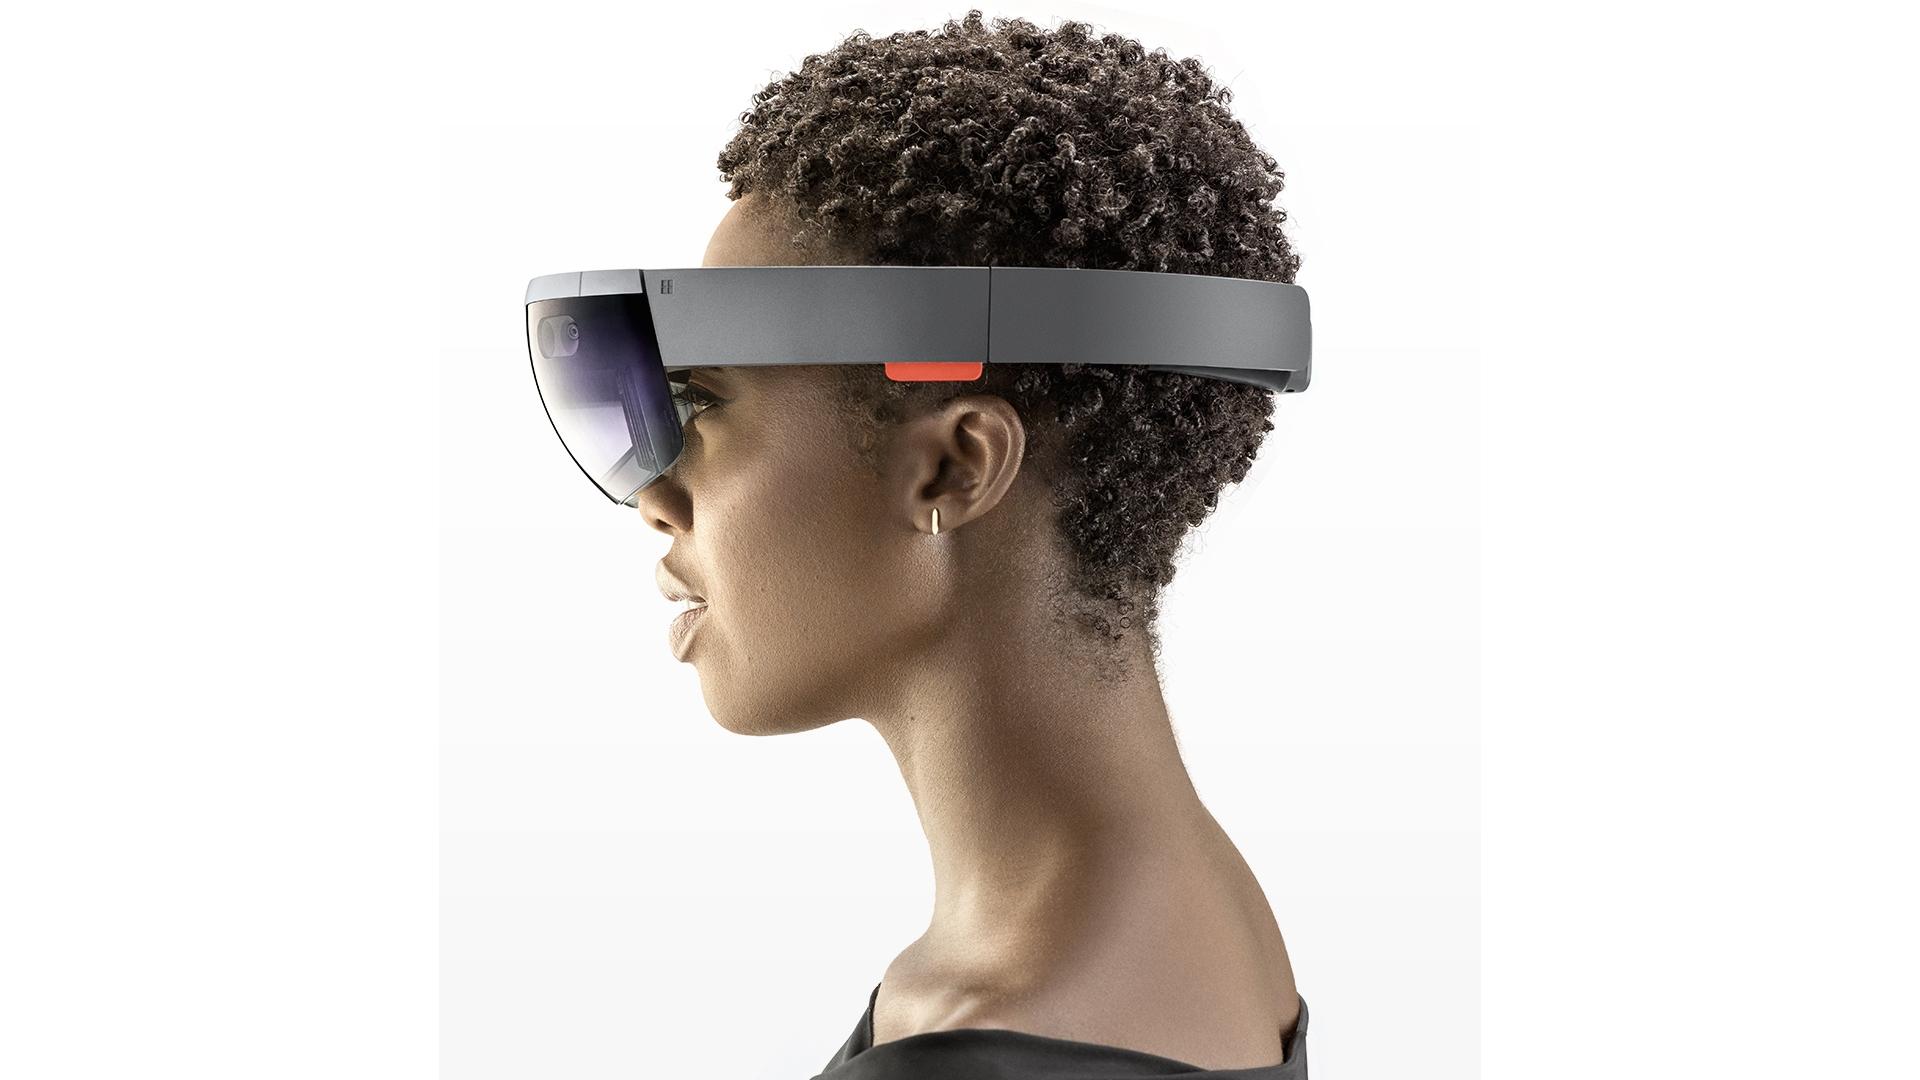 Hololens : la prochaine génération attendra 2019 et Microsoft abandonne le modèle en développement